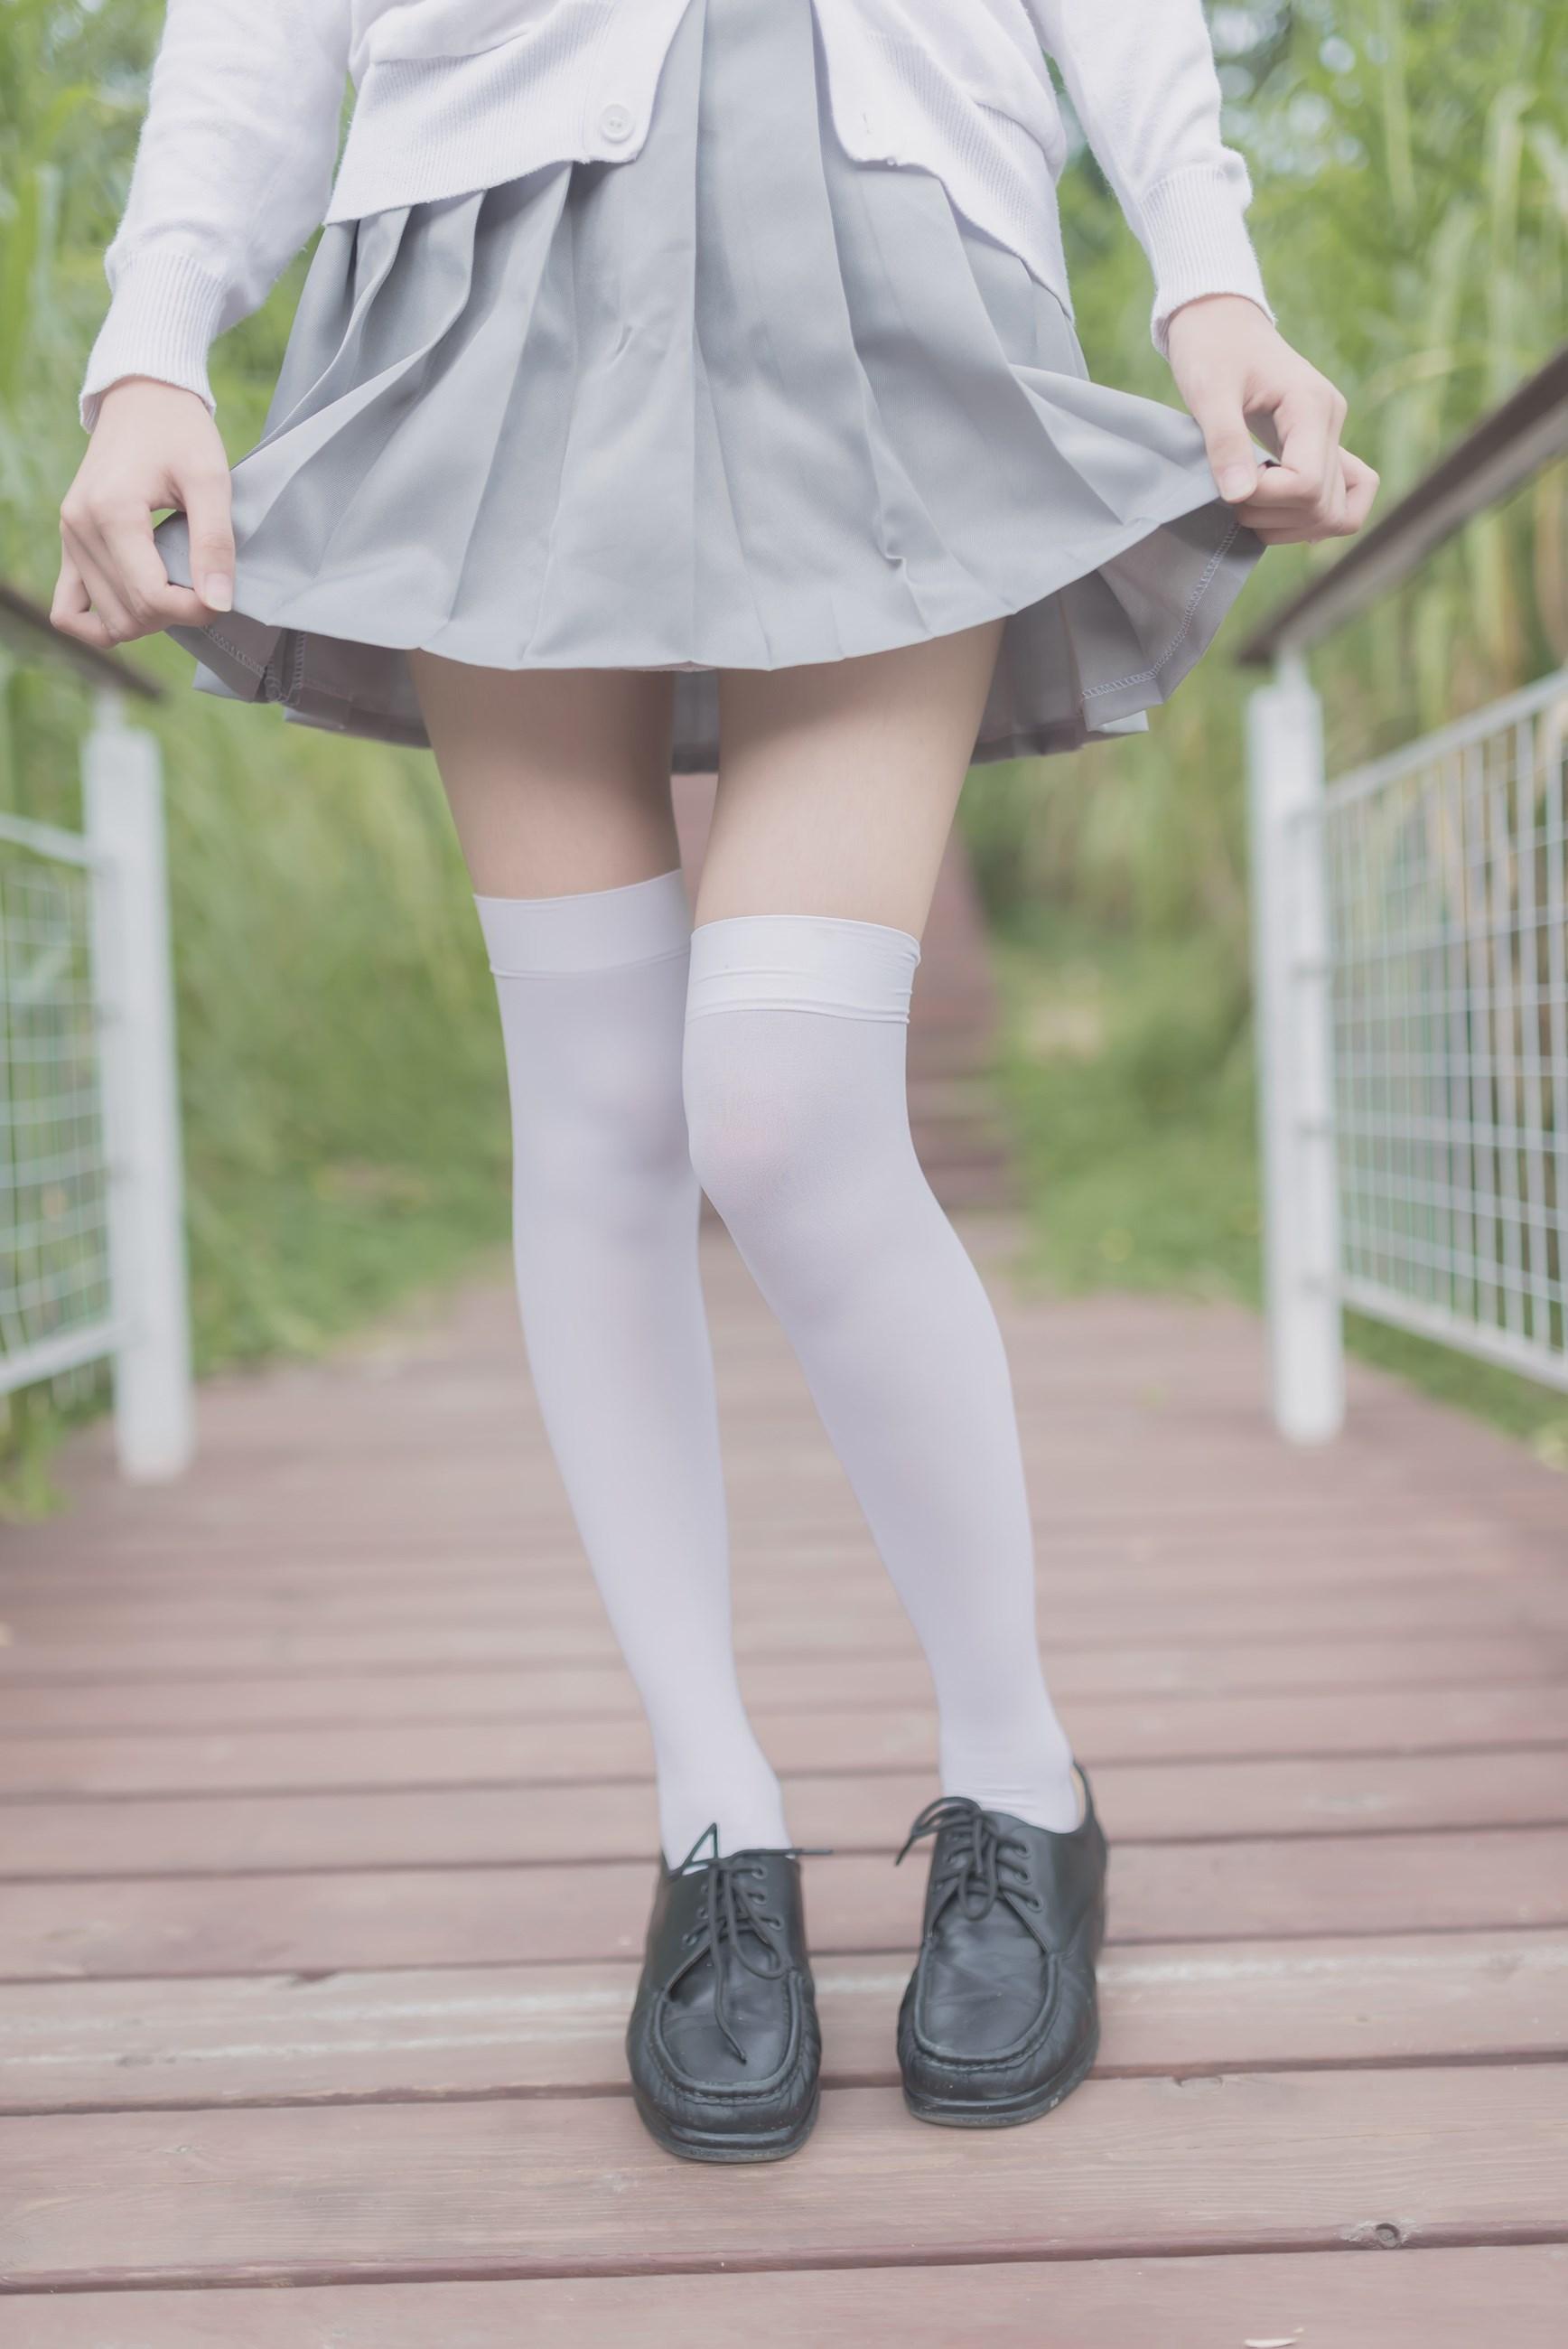 【兔玩映画】灰色天空 兔玩映画 第21张